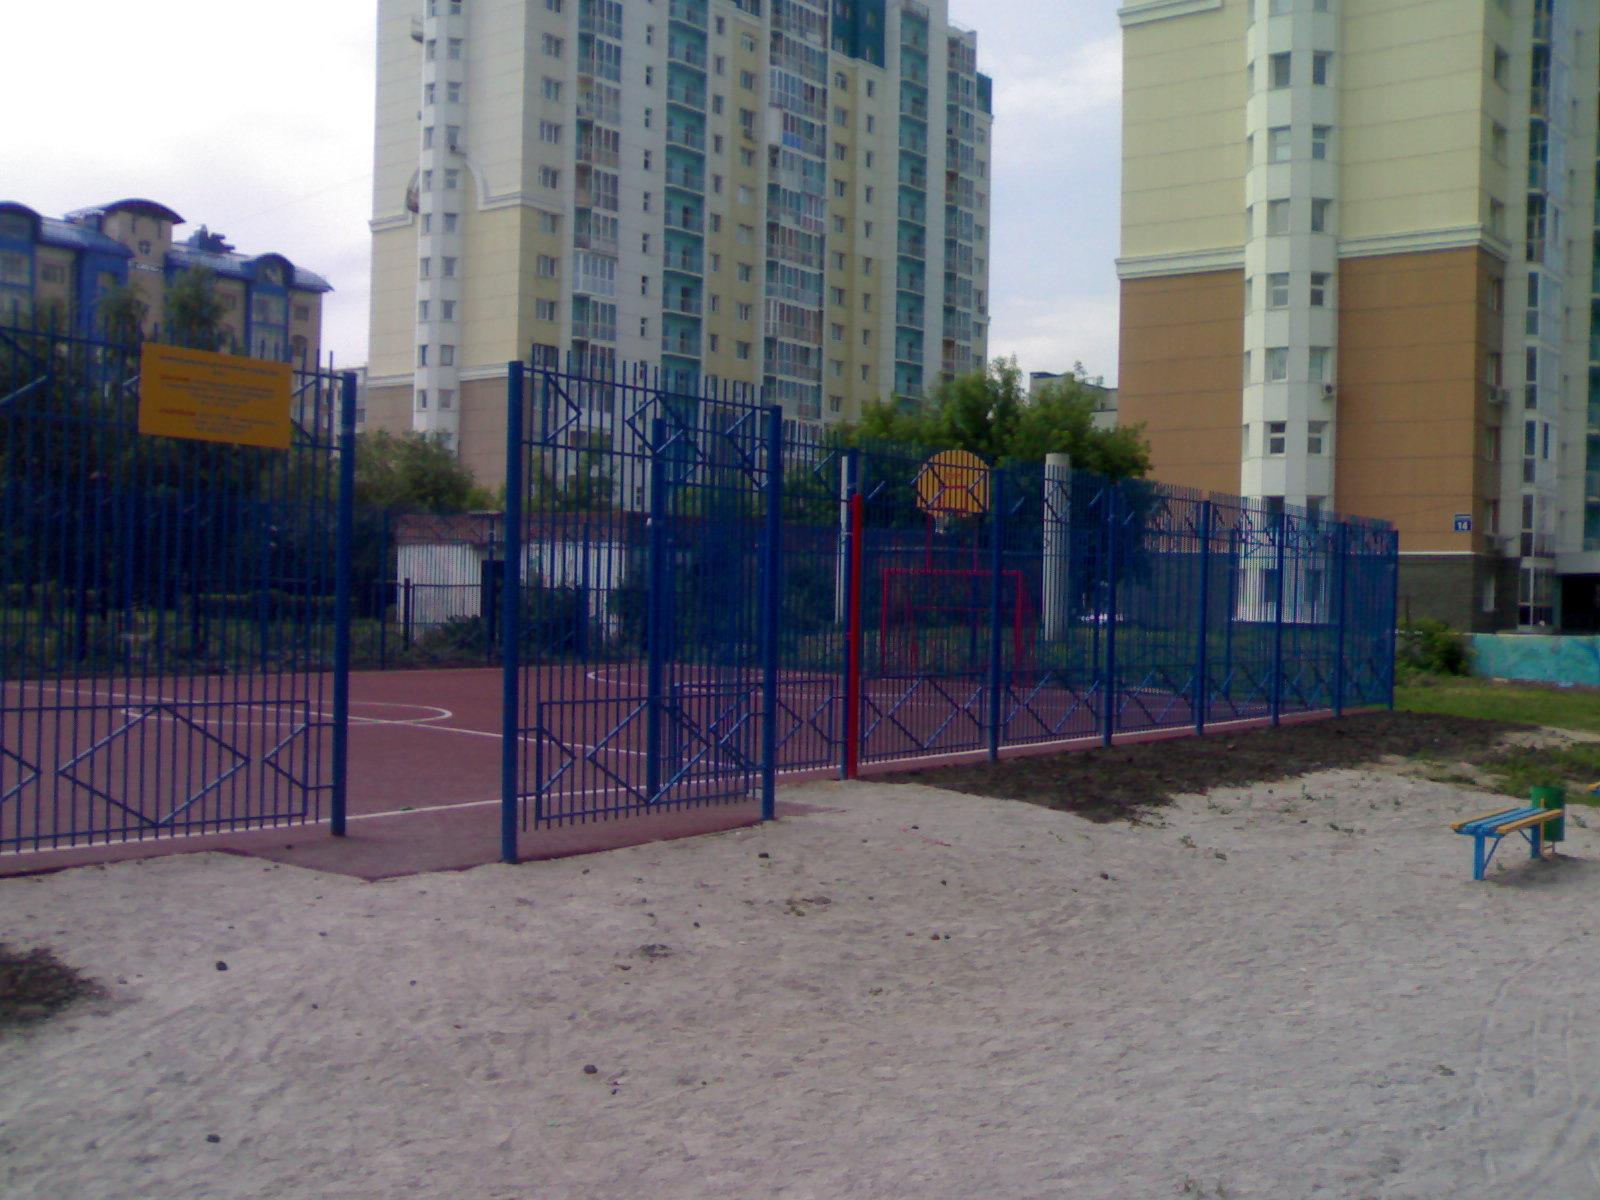 Среди них Универсальные спортивные площадки, которые были построены недавно мэрией г. Новосибирска в рамках программы...